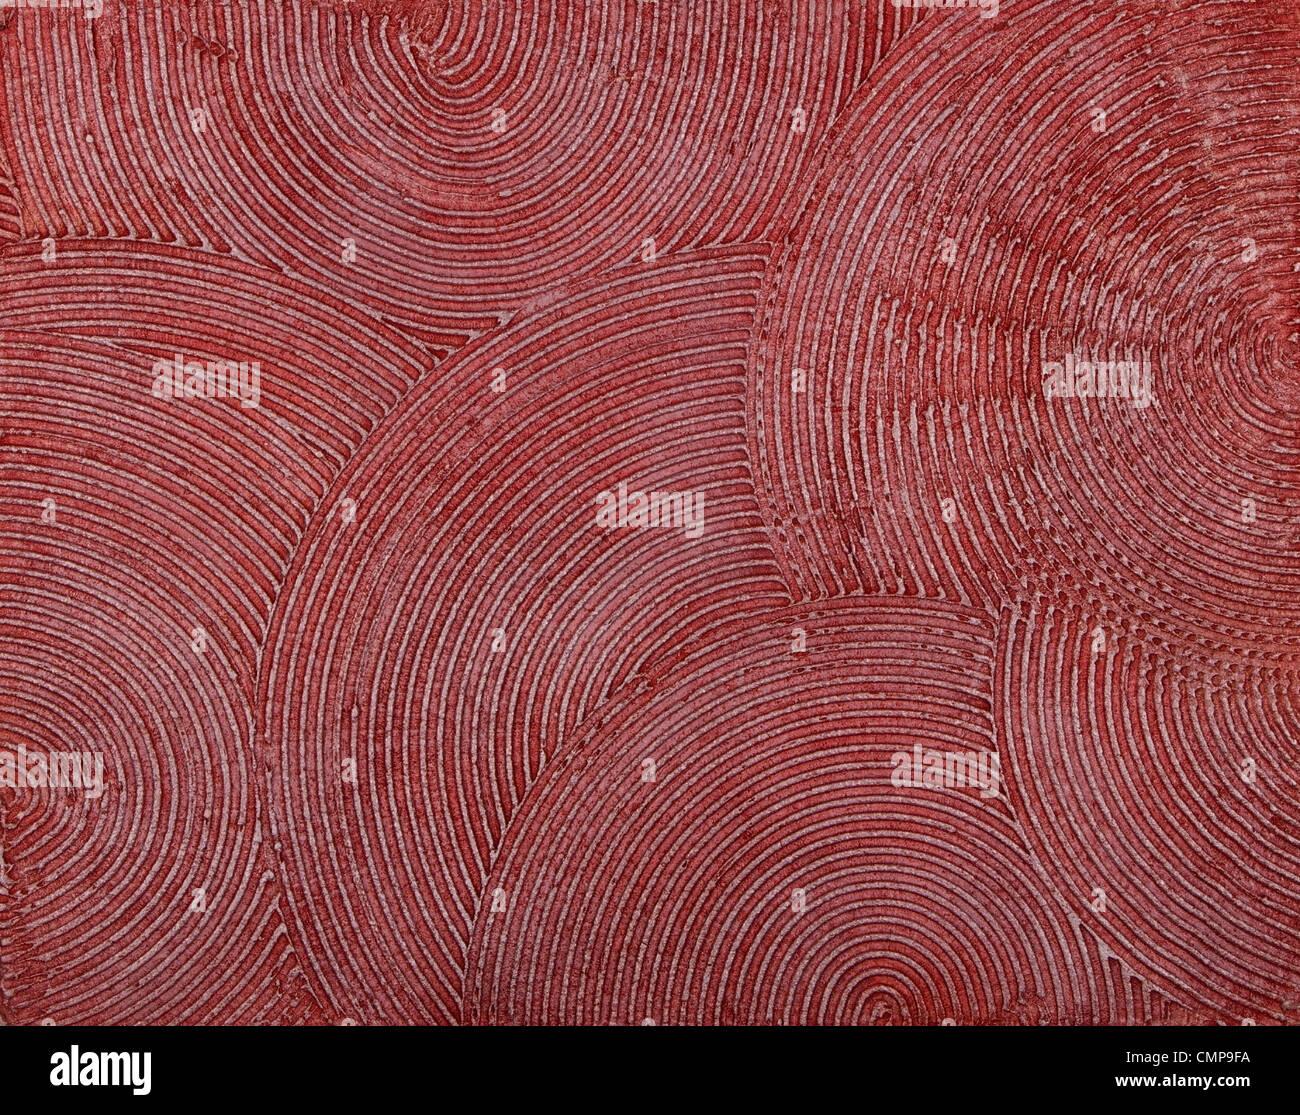 Textura de pared con una profunda cordones circulares de putty, cubierto con pintura roja. Imagen De Stock